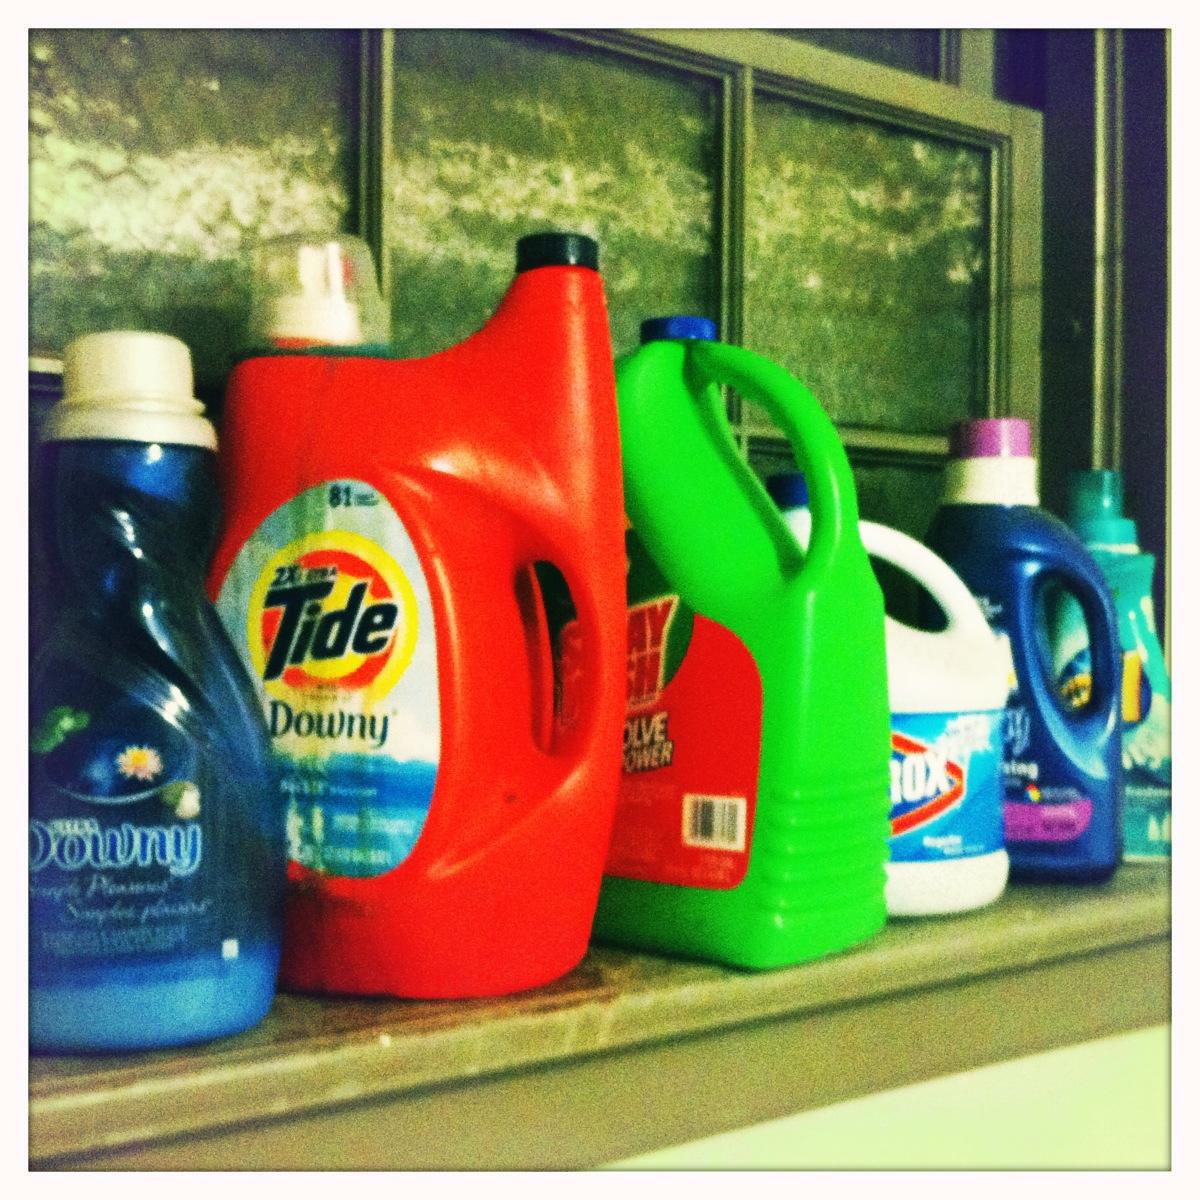 A sampling of detergents ...